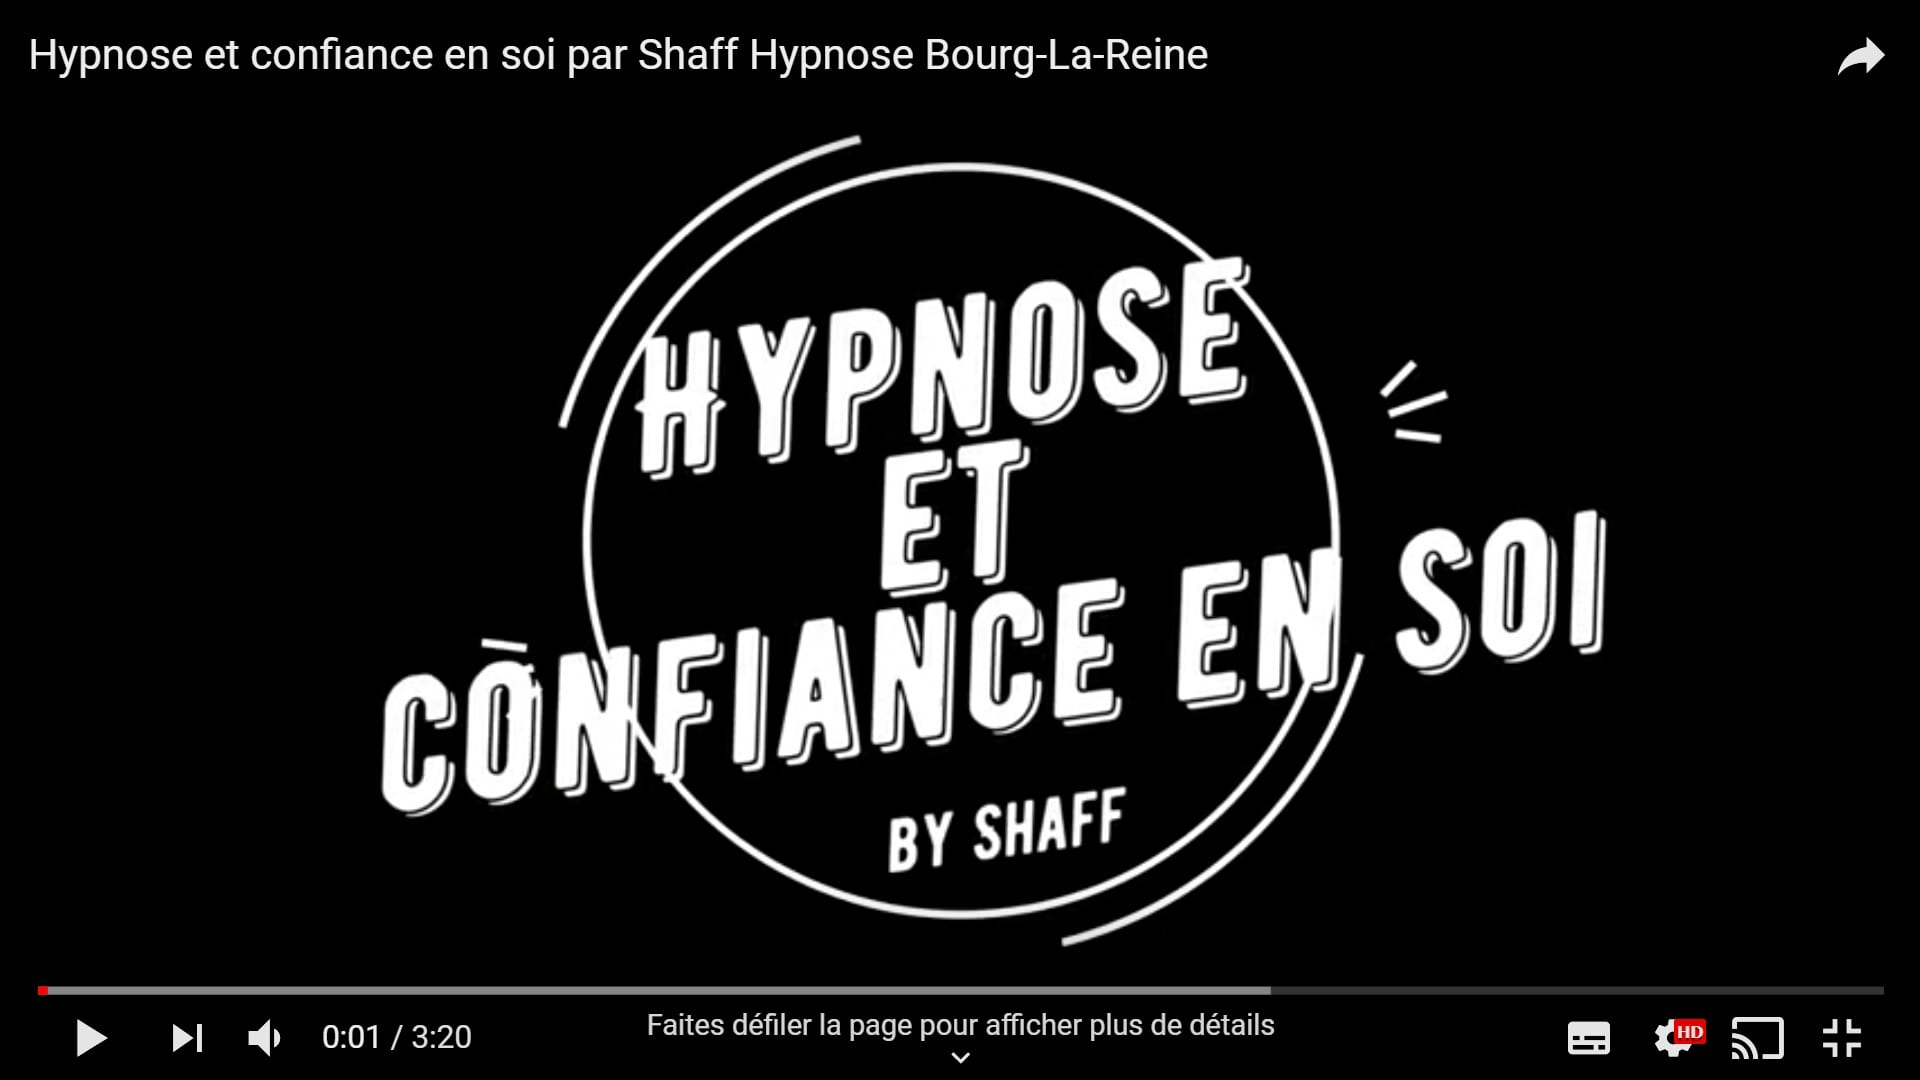 Hypnose et confiance en soi - Shaff Hypnose Bourg-La-Reine Confiance en soi video hypnose à L'Haÿ-les-Roses (94240) , Confiance en soi video hypnose à Cachan (94230 ) , Confiance en soi video hypnose à Arcueil (94110 ), Confiance en soi video hypnose à Bagneux (92220 ) , Confiance en soi video hypnose à Sceaux (92330 ), Confiance en soi video hypnose à Fontenay-aux-Roses (92260 ), Confiance en soi video hypnose à Chevilly-Larue (94550 ) , Confiance en soi video hypnose s à Châtillon (92320 ), Confiance en soi video hypnose à Fresnes (94260 ), Confiance en soi video hypnose au Plessis-Robinson (92350 ) , Confiance en soi video hypnose à Montrouge (92120 ) , Confiance en soi video hypnose à Antony (92160 ), Confiance en soi video hypnose à Gentilly (94250 ), Confiance en soi video hypnose à Malakoff (92240 ), Confiance en soi video hypnose à Villejuif (94800 ) , Confiance en soi video hypnose à Clamart (92140 ), Confiance en soi video hypnose à Châtenay-Malabry (92290 ), Confiance en soi video hypnose à Rungis (94150 ) , Confiance en soi video hypnose au Kremlin-Bicêtre (94270), Confiance en soi video hypnose à Paris (75), Confiance en soi video hypnose en Île de France , Confiance en soi video hypnose à Paris (75000) , Confiance en soi video hypnose à Boulogne-Billancourt (92100) , Confiance en soi video hypnose à Saint-Denis (93200) , Confiance en soi video hypnose à Argenteuil (95100) , Confiance en soi video hypnose à Montreuil (93100) , Confiance en soi video hypnose à Créteil (94000) , Confiance en soi video hypnose à Nanterre (92000) , Confiance en soi video hypnose à Courbevoie (92400) , Confiance en soi video hypnose à Versailles (78000) , Confiance en soi video hypnose à Vitry-sur-Seine (94400) , Confiance en soi video hypnose à Colombes (92700) , Confiance en soi video hypnose à Asnières-sur-Seine (92600) , Confiance en soi video hypnose à Aulnay-sous-Bois (93600) , Confiance en soi video hypnose à Rueil-Malmaison (92500) , Confiance en soi video hypnose à 